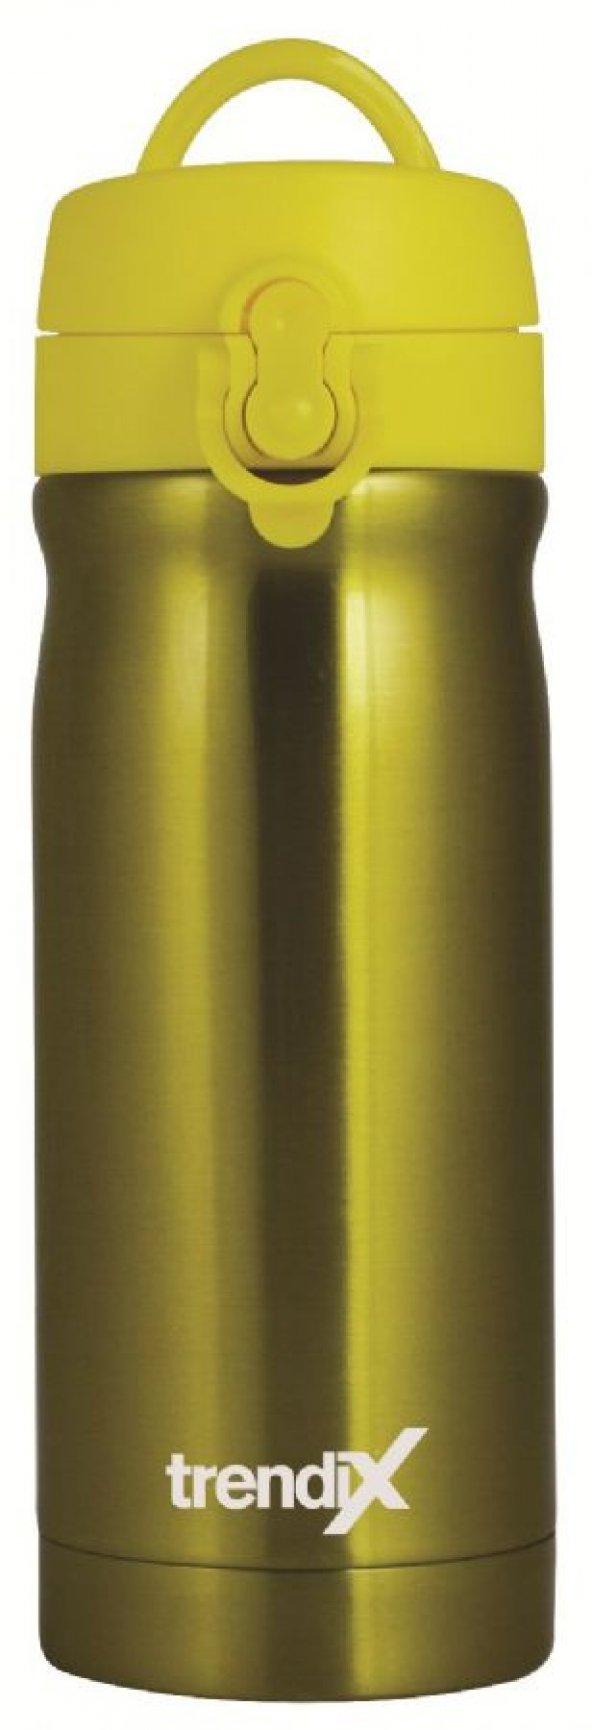 Trendix Çelik İçli 350 ml Termos Matara (Neon Sarı)